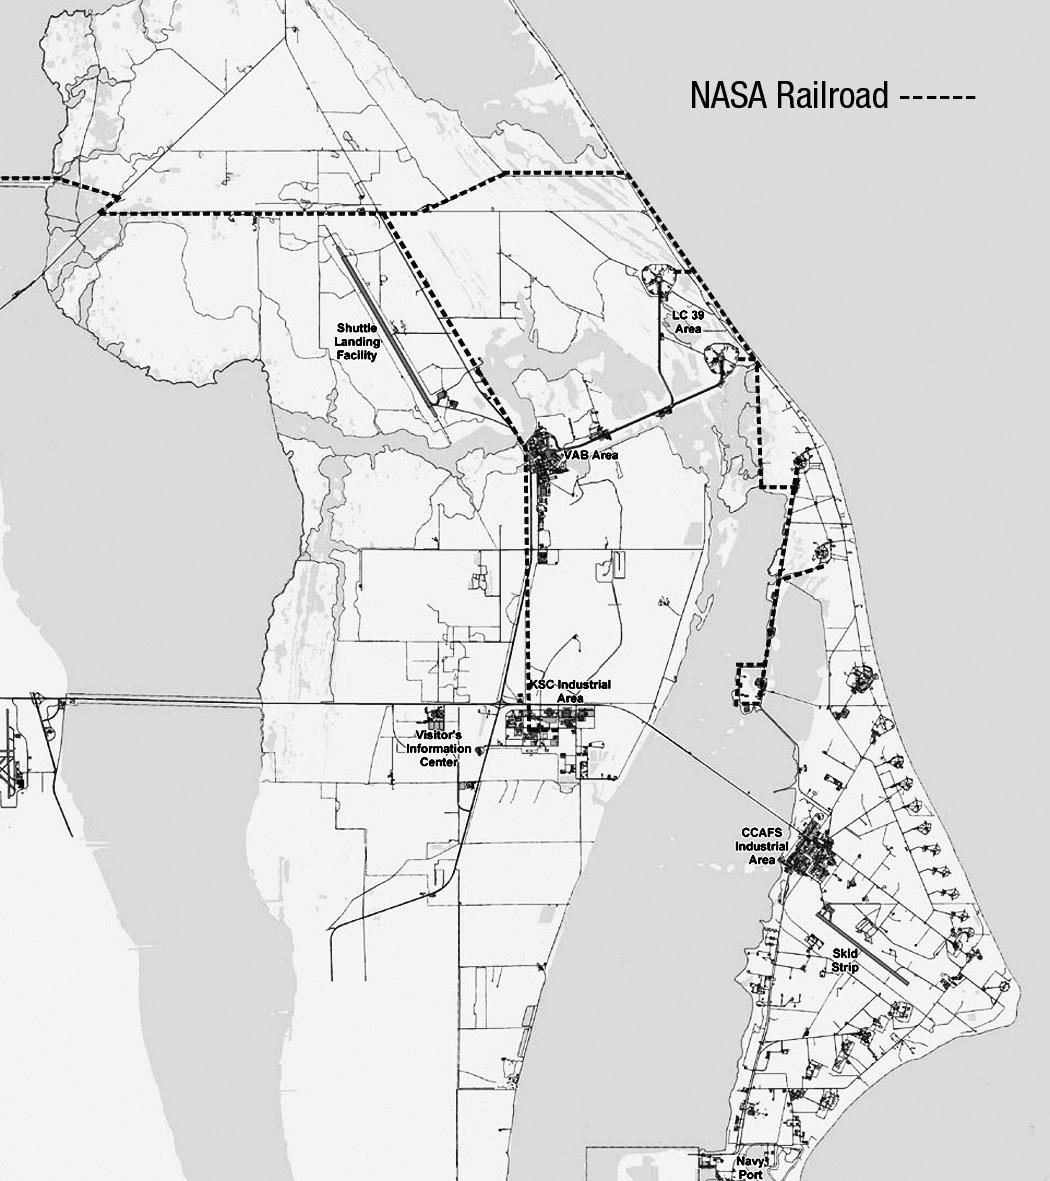 nasa space center map - photo #5